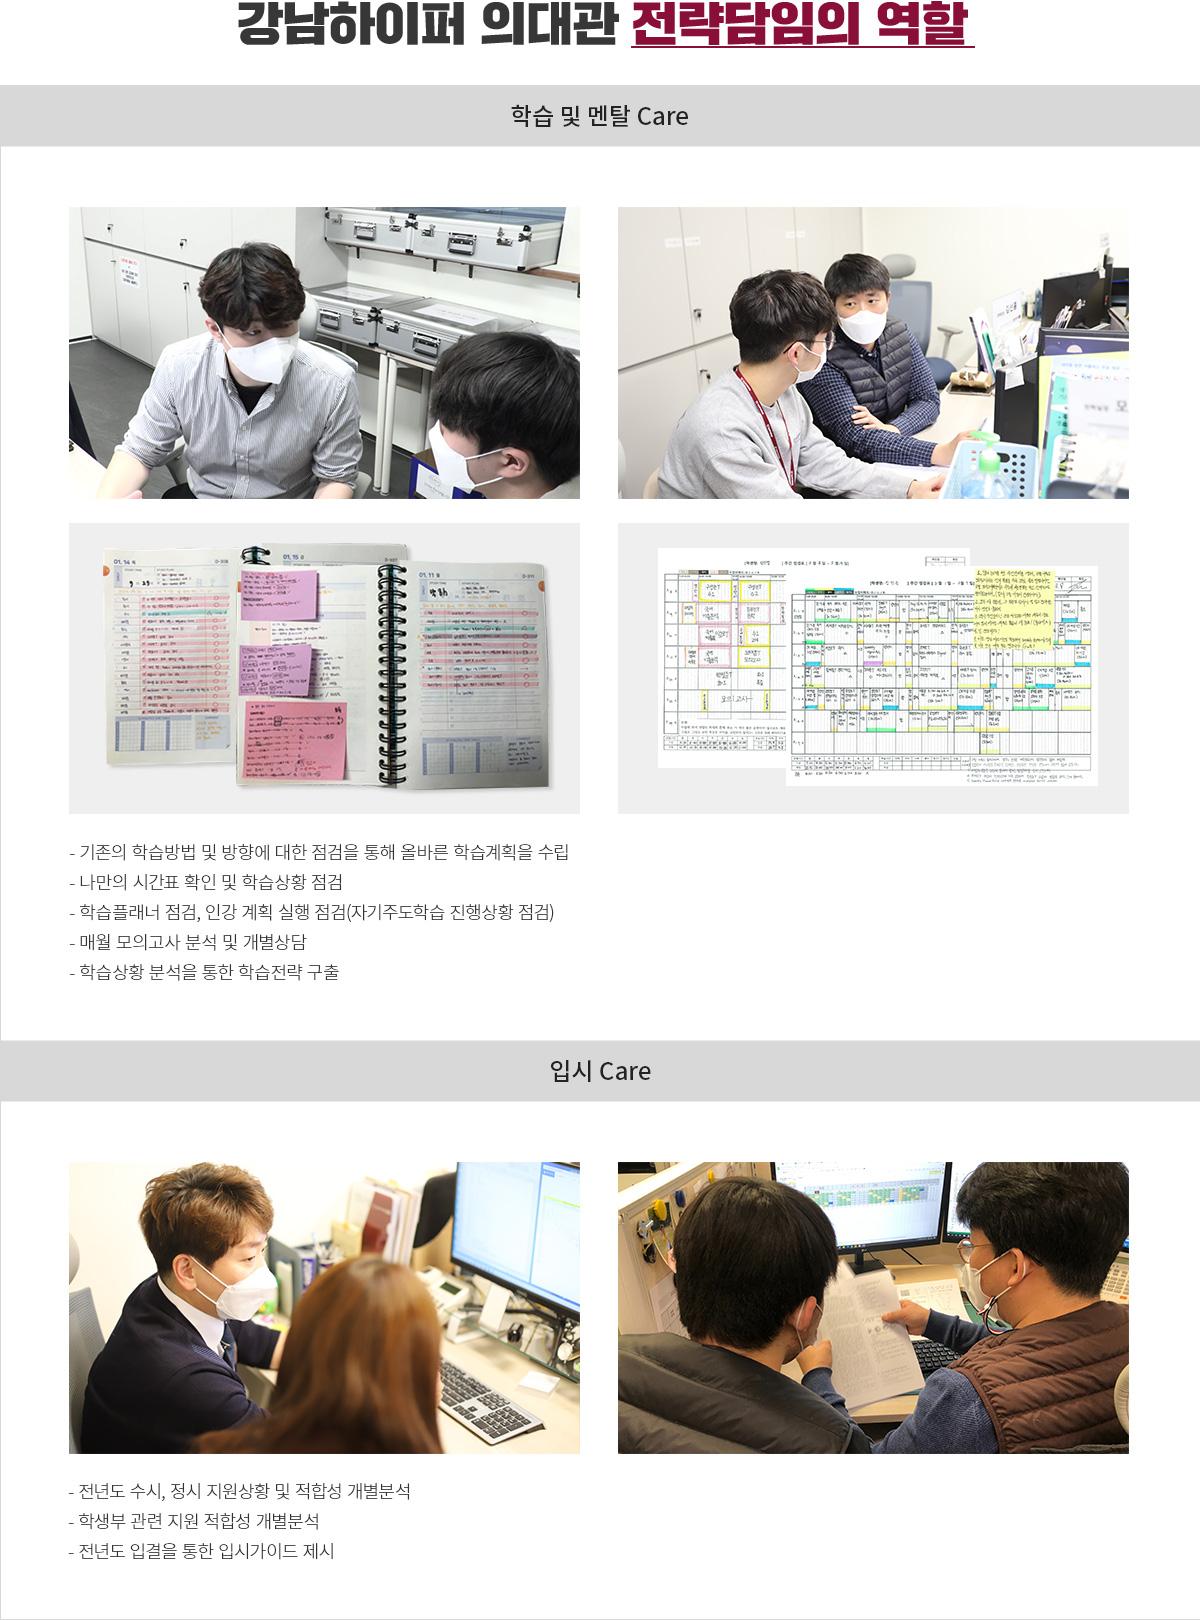 강남하이퍼 의대관 전략담임의 역할